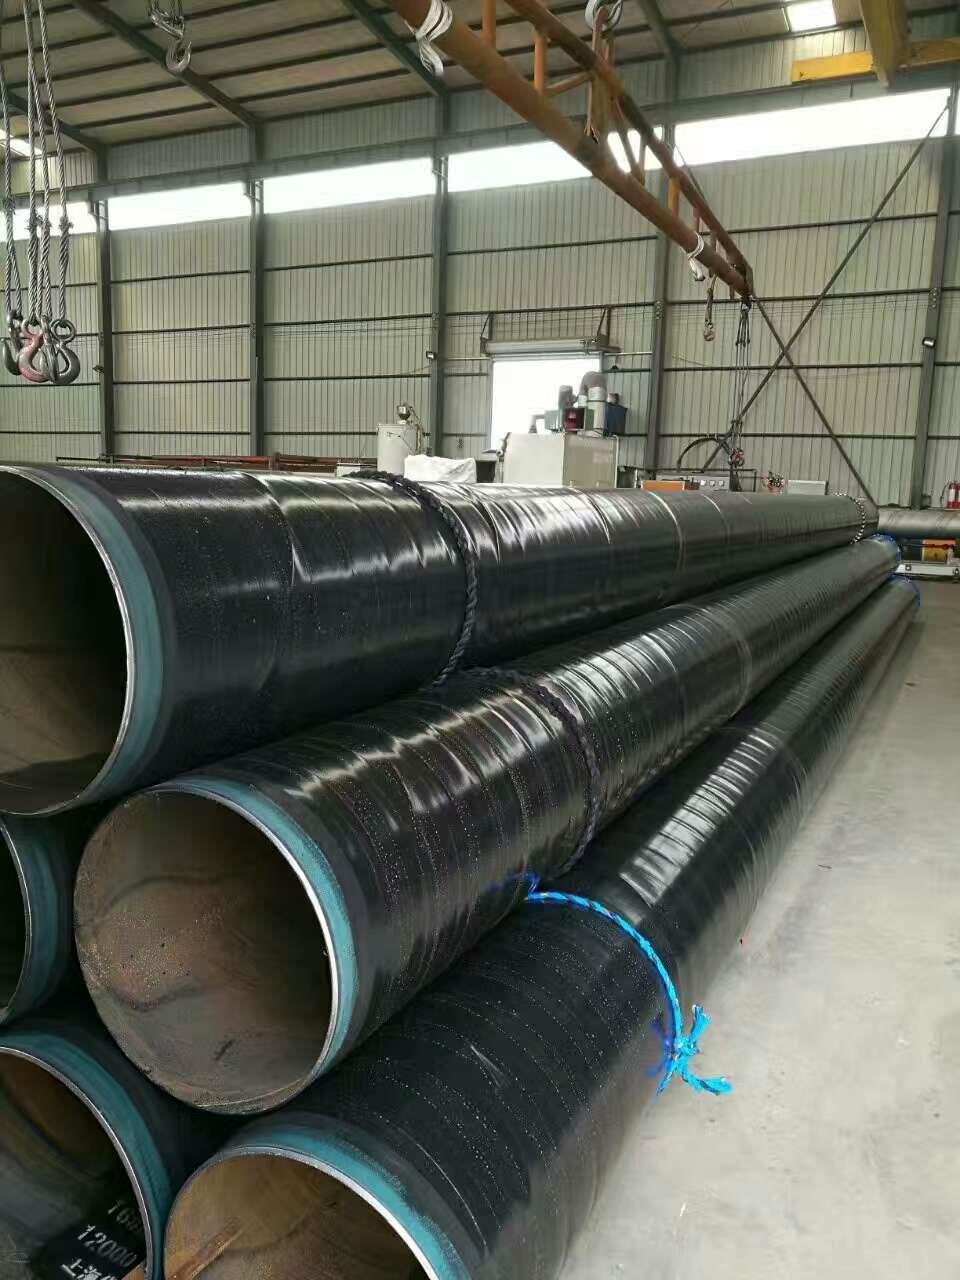 泉州市安溪县泡沫层螺旋保温钢管管道标识